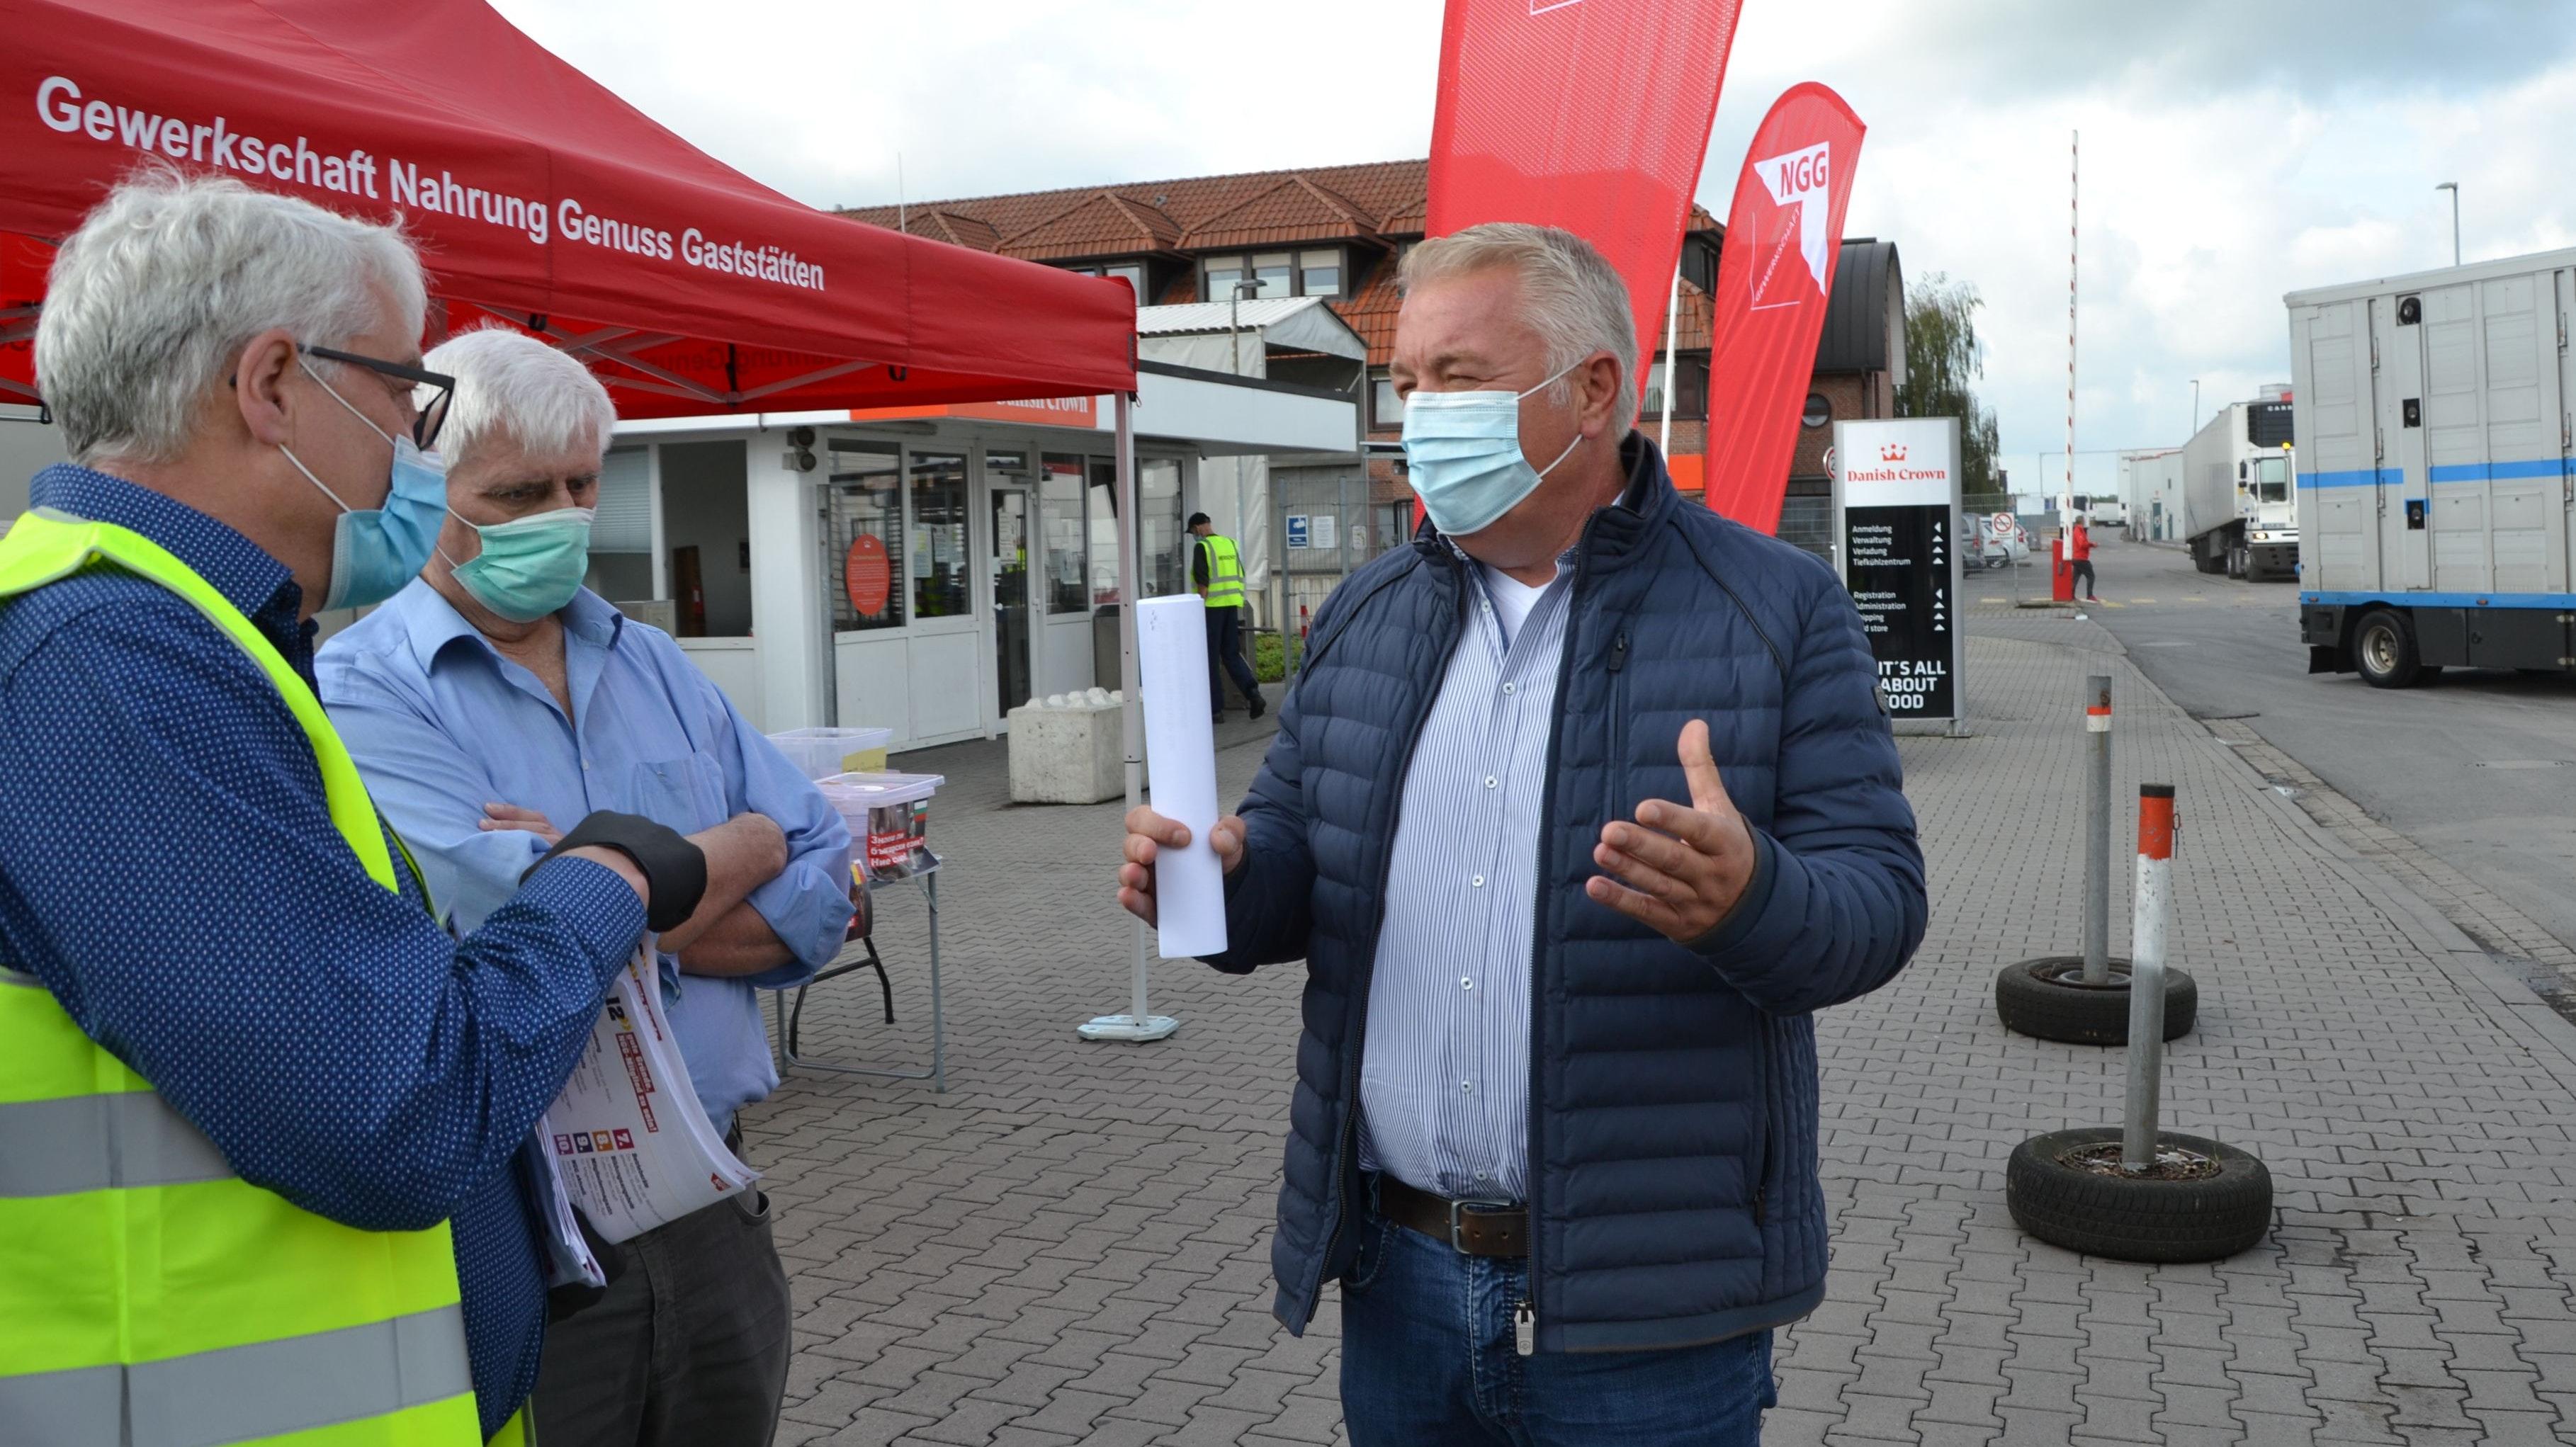 Nicht  nur einer Meinung: NGG-Sekretär Matthias Brümmer (links) und MdL Christoph Eilers (rechts) diskutieren  in Essen, wie sich die Verhältnisse in der Fleischbranche verbessern lassen. Foto: Meyer